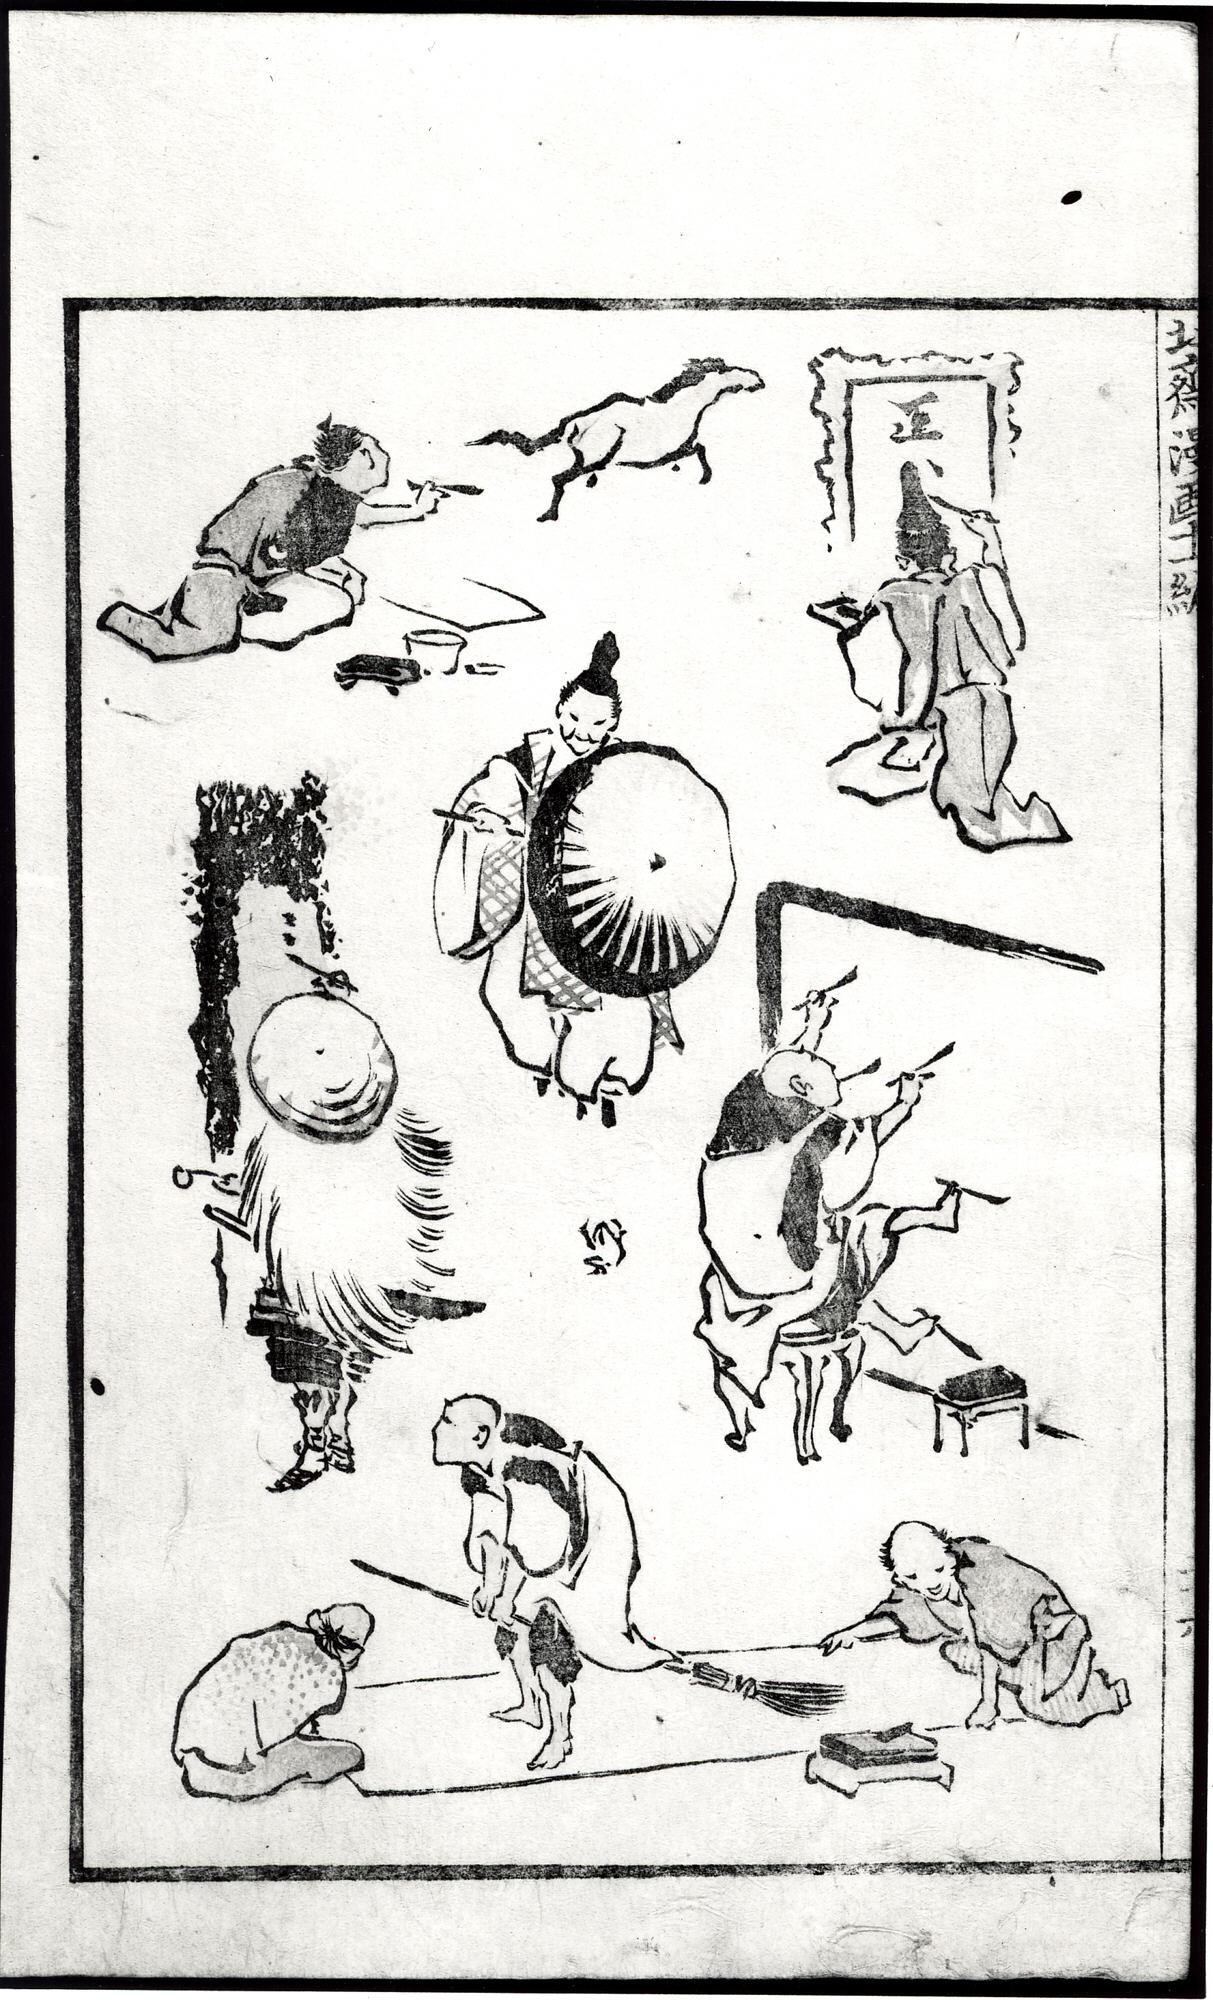 Eine Seite aus den Hokusai Manga: insgesamt 8 Figuren, die alle Leinwände bearbeiten: einer schaut auf seine Vorlage, ein Pferd im Galopp; ein anderer pinselt Schriftzeichen; einer hält vor einer großen Leinwand in jeder Hand und in jedem Fuß einen Pinsel; zwei halten eine Papierrolle auf dem Boden, während ein dritter mit einem Besen über das Papier läuft.